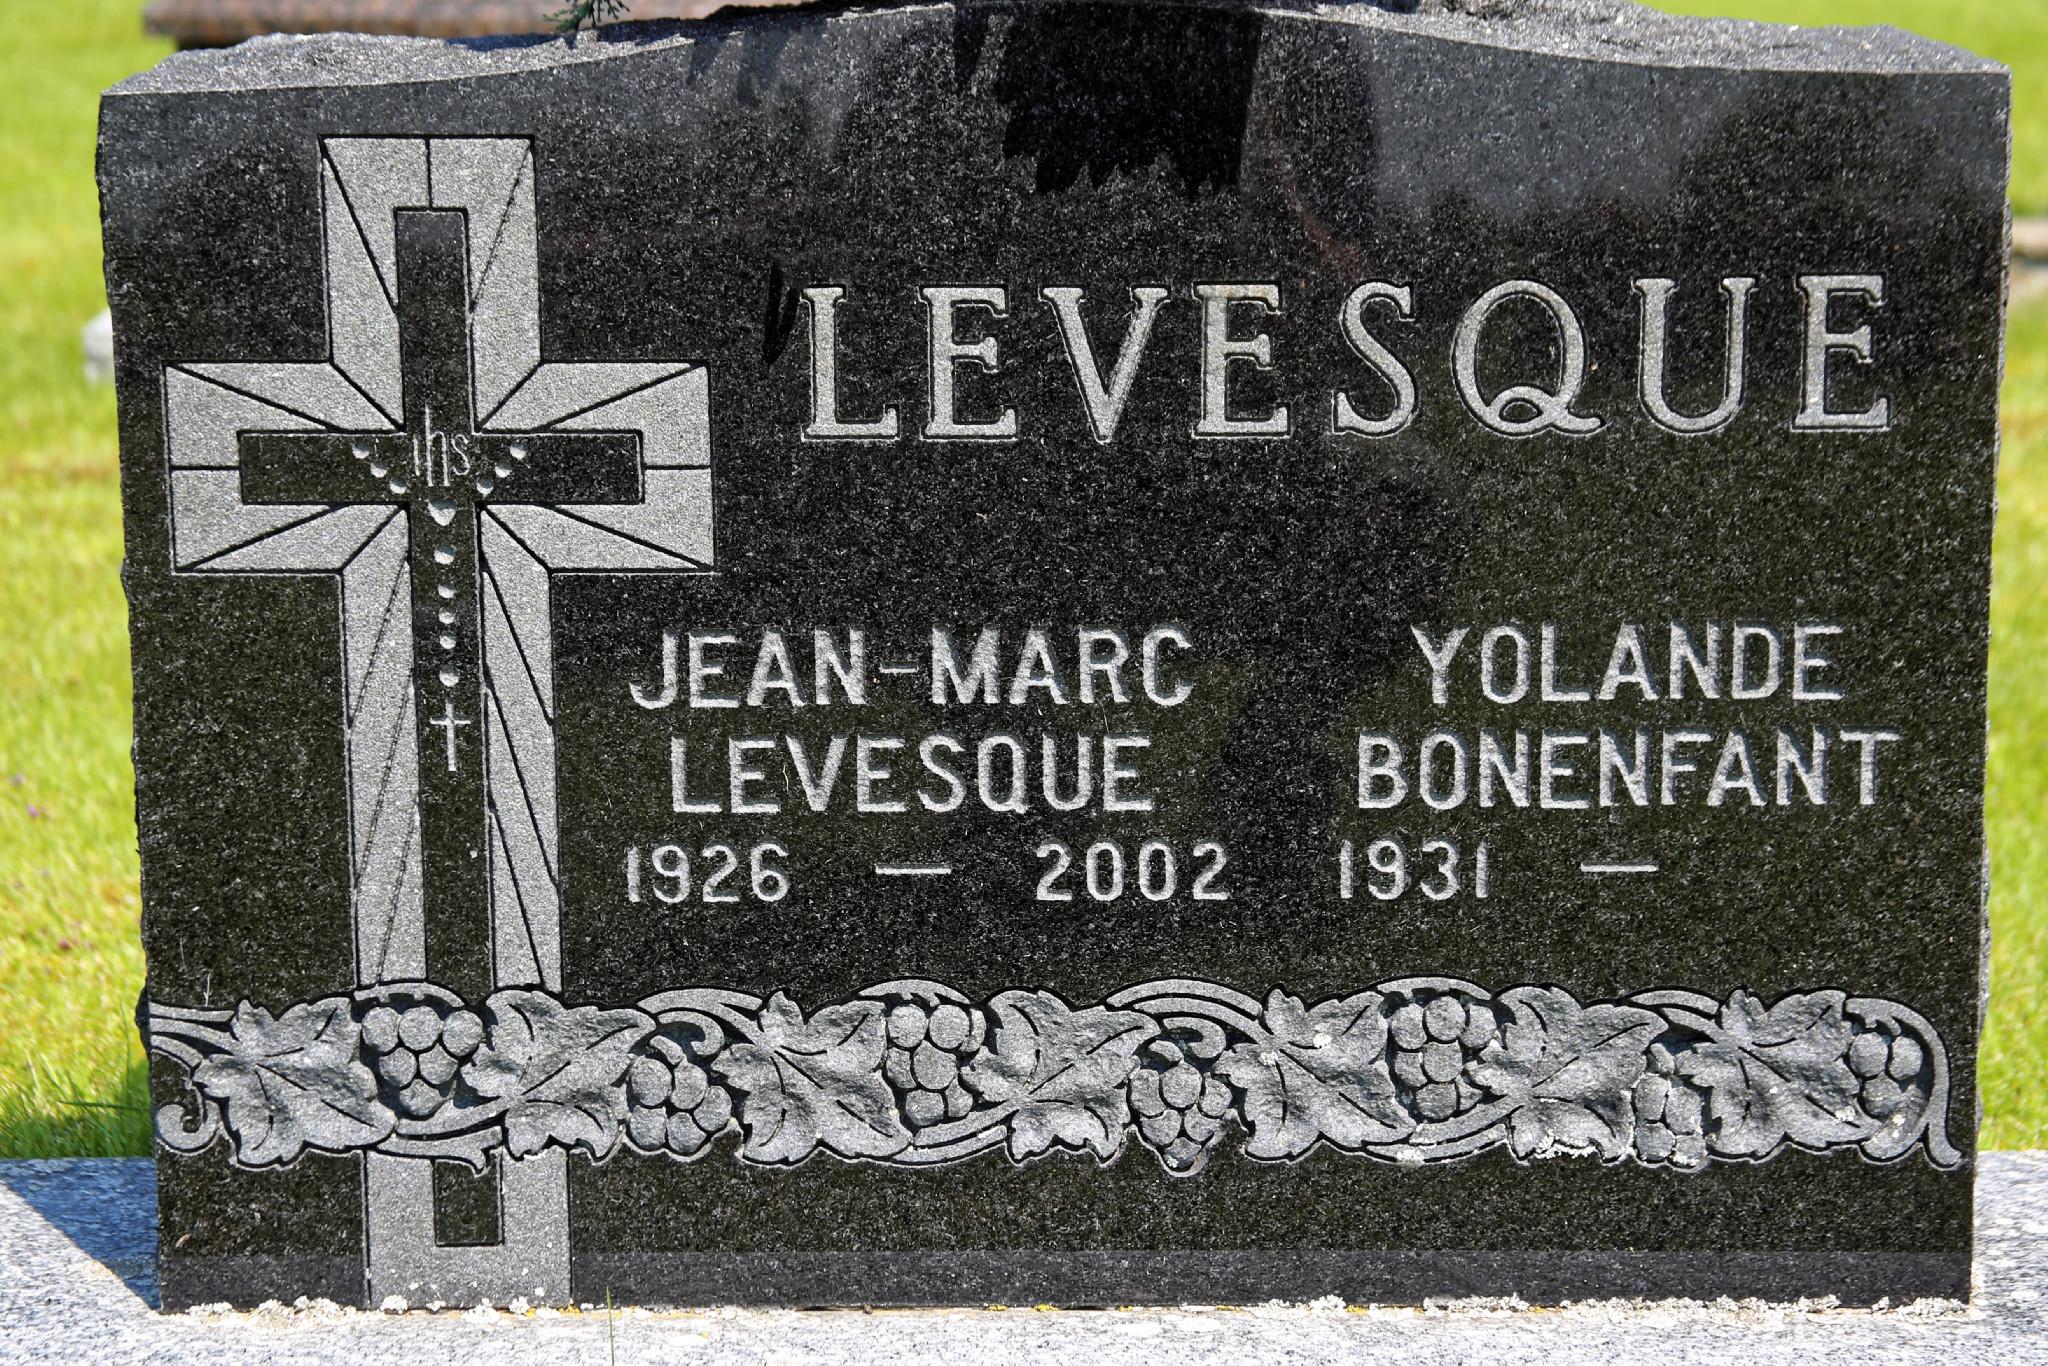 Jean-Marc Lévesque